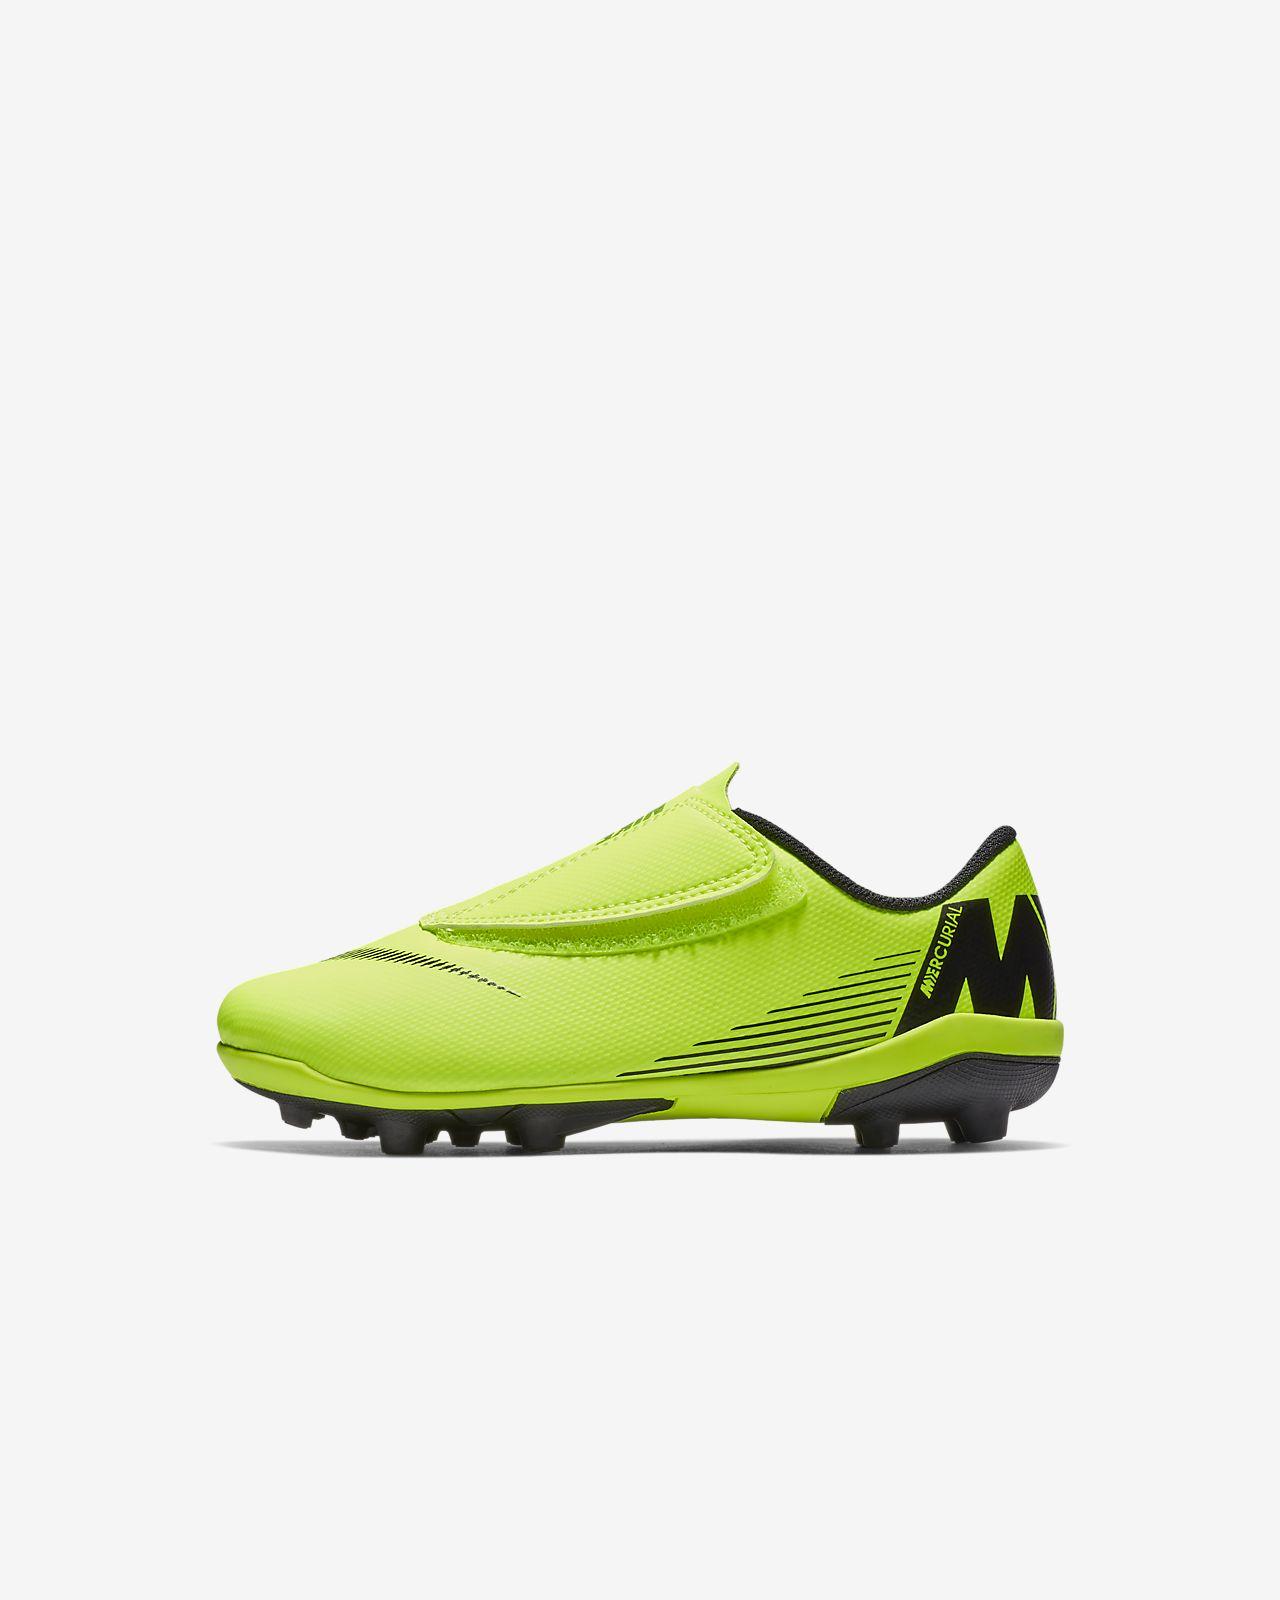 Vapor Fútbol Múltiples Club Mg Para Jr Nike 12 De Superficies Botas fqx116 40ad4b8ca6225